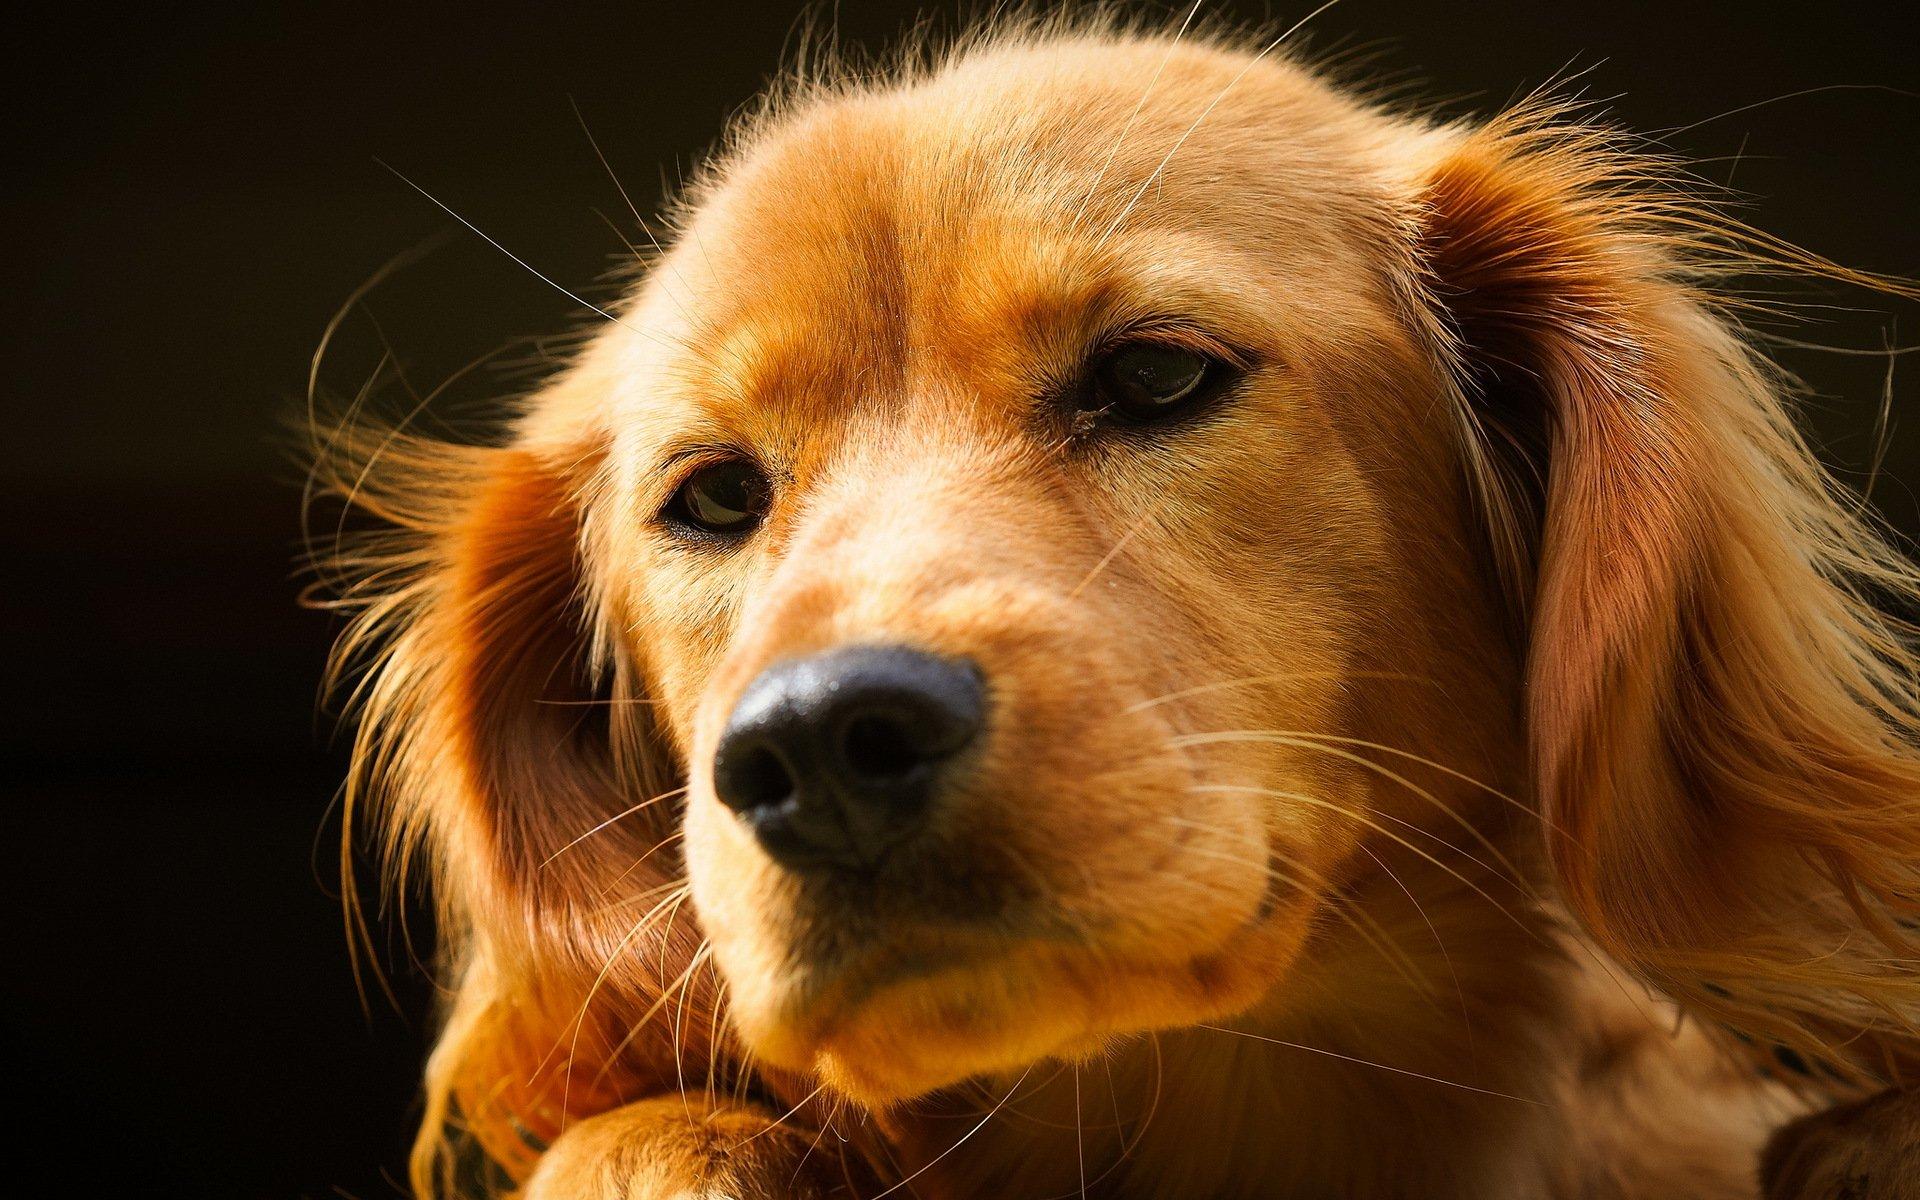 обои на рабочий животные собаки нашем случае